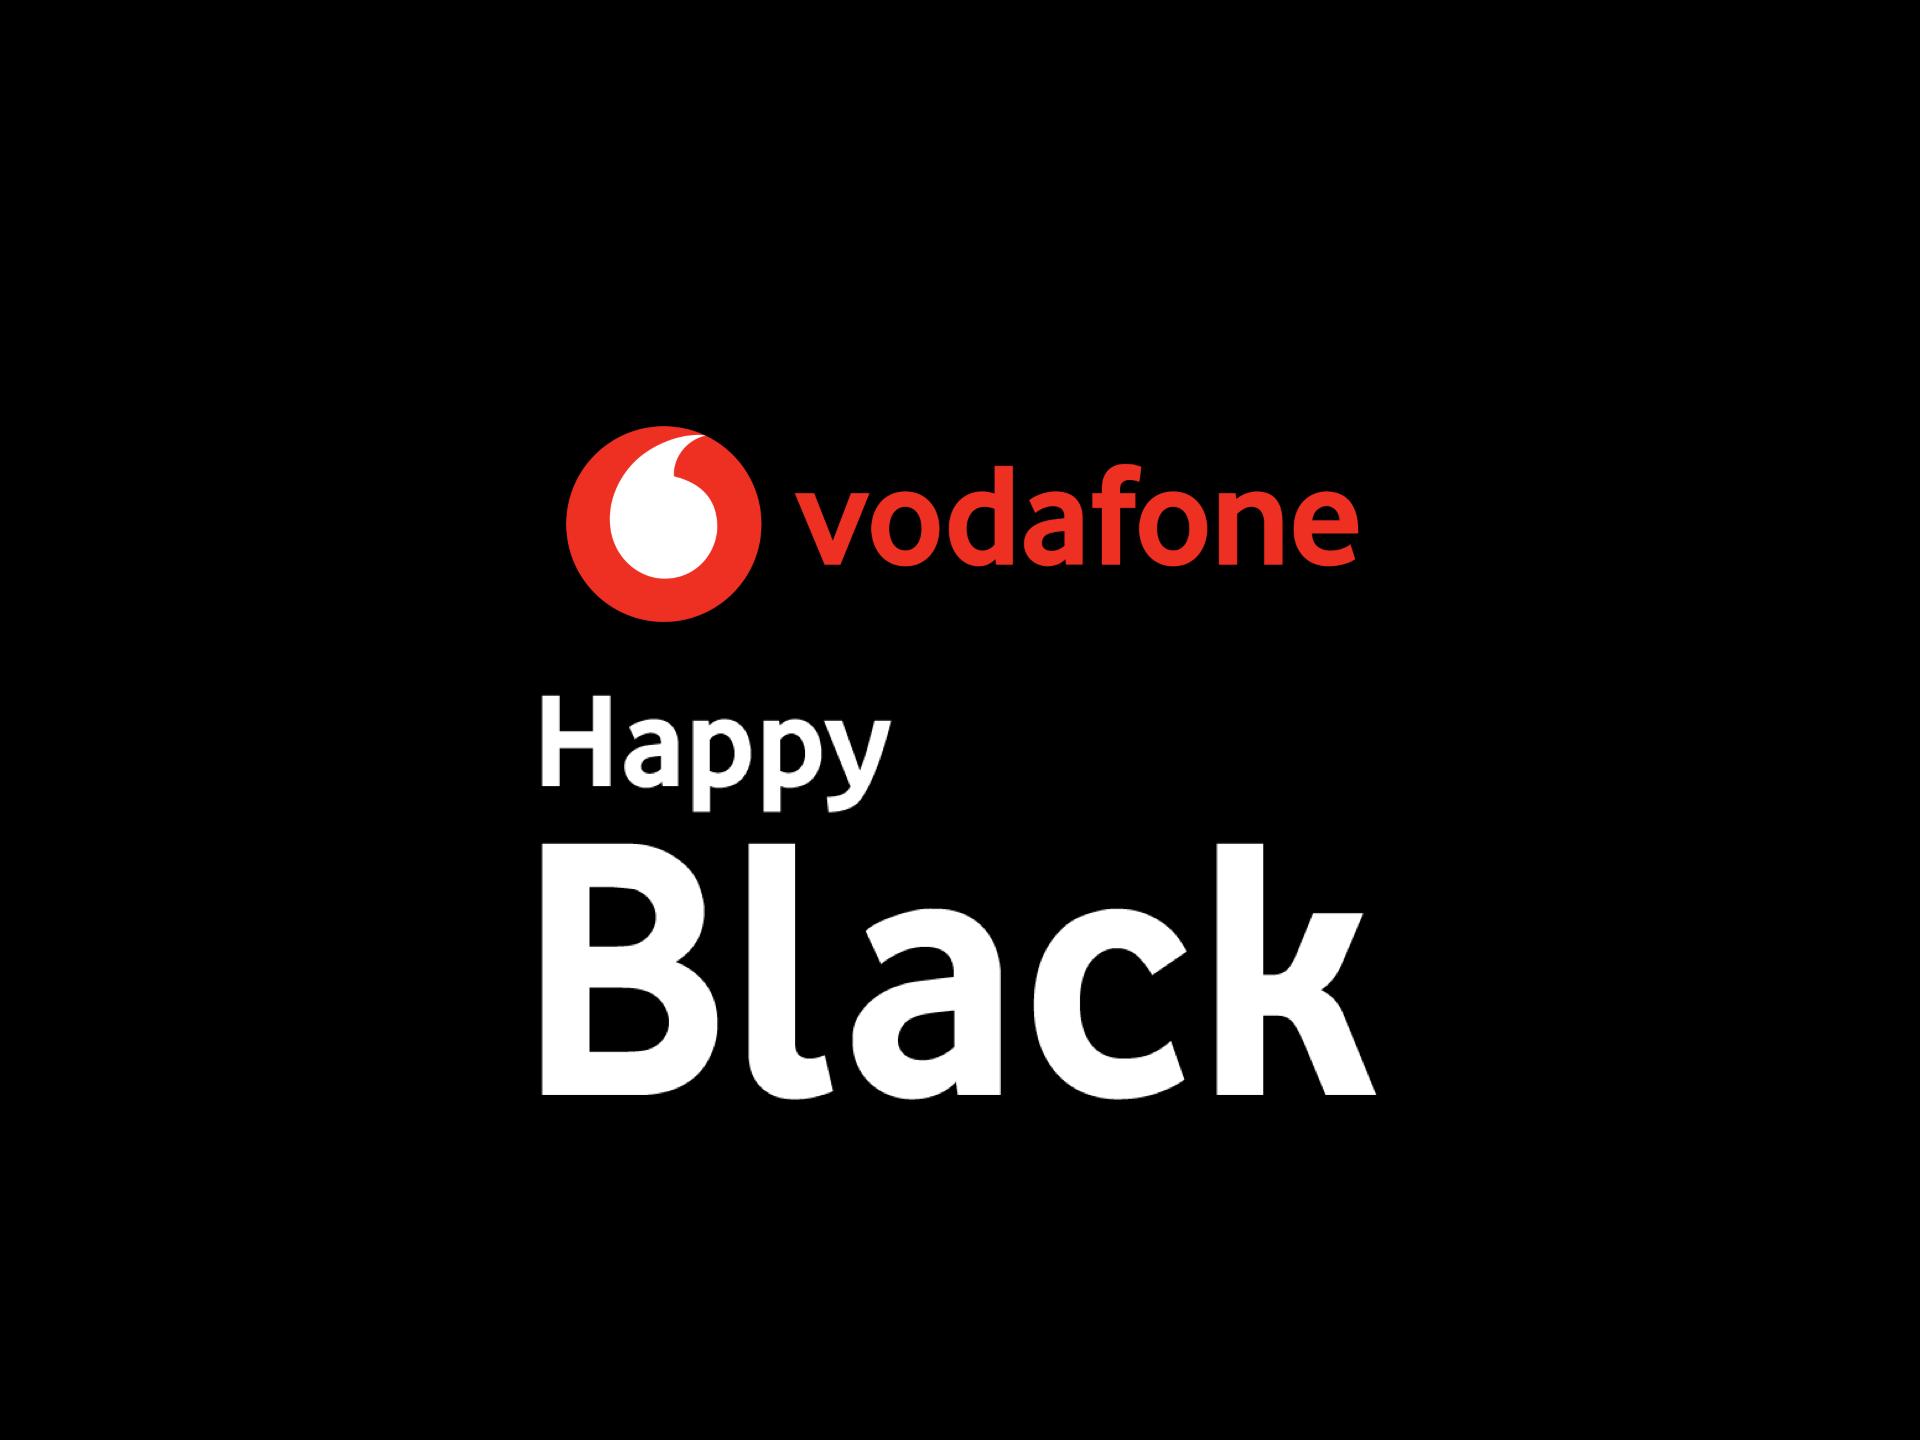 Samsung Galaxy S20 5G a 699 euro? Sì |  con Vodafone Happy Black